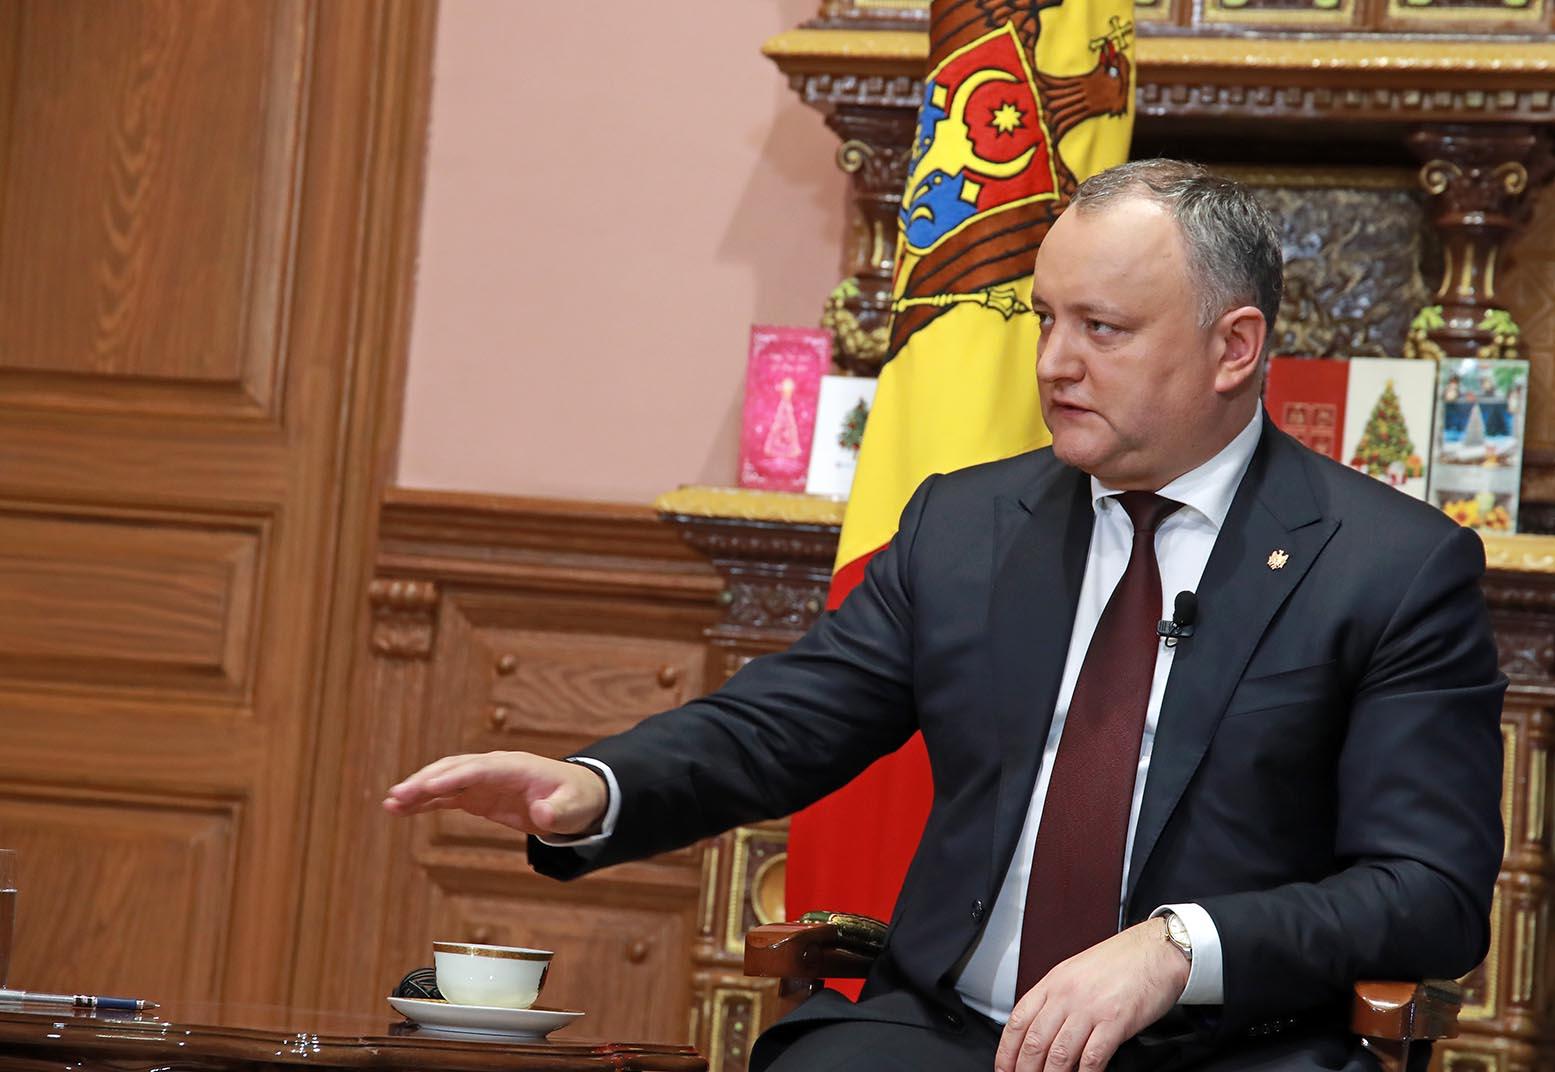 Додон: Молдова получит статус наблюдателя при ЕАЭС в ближайшие месяцы (ВИДЕО)